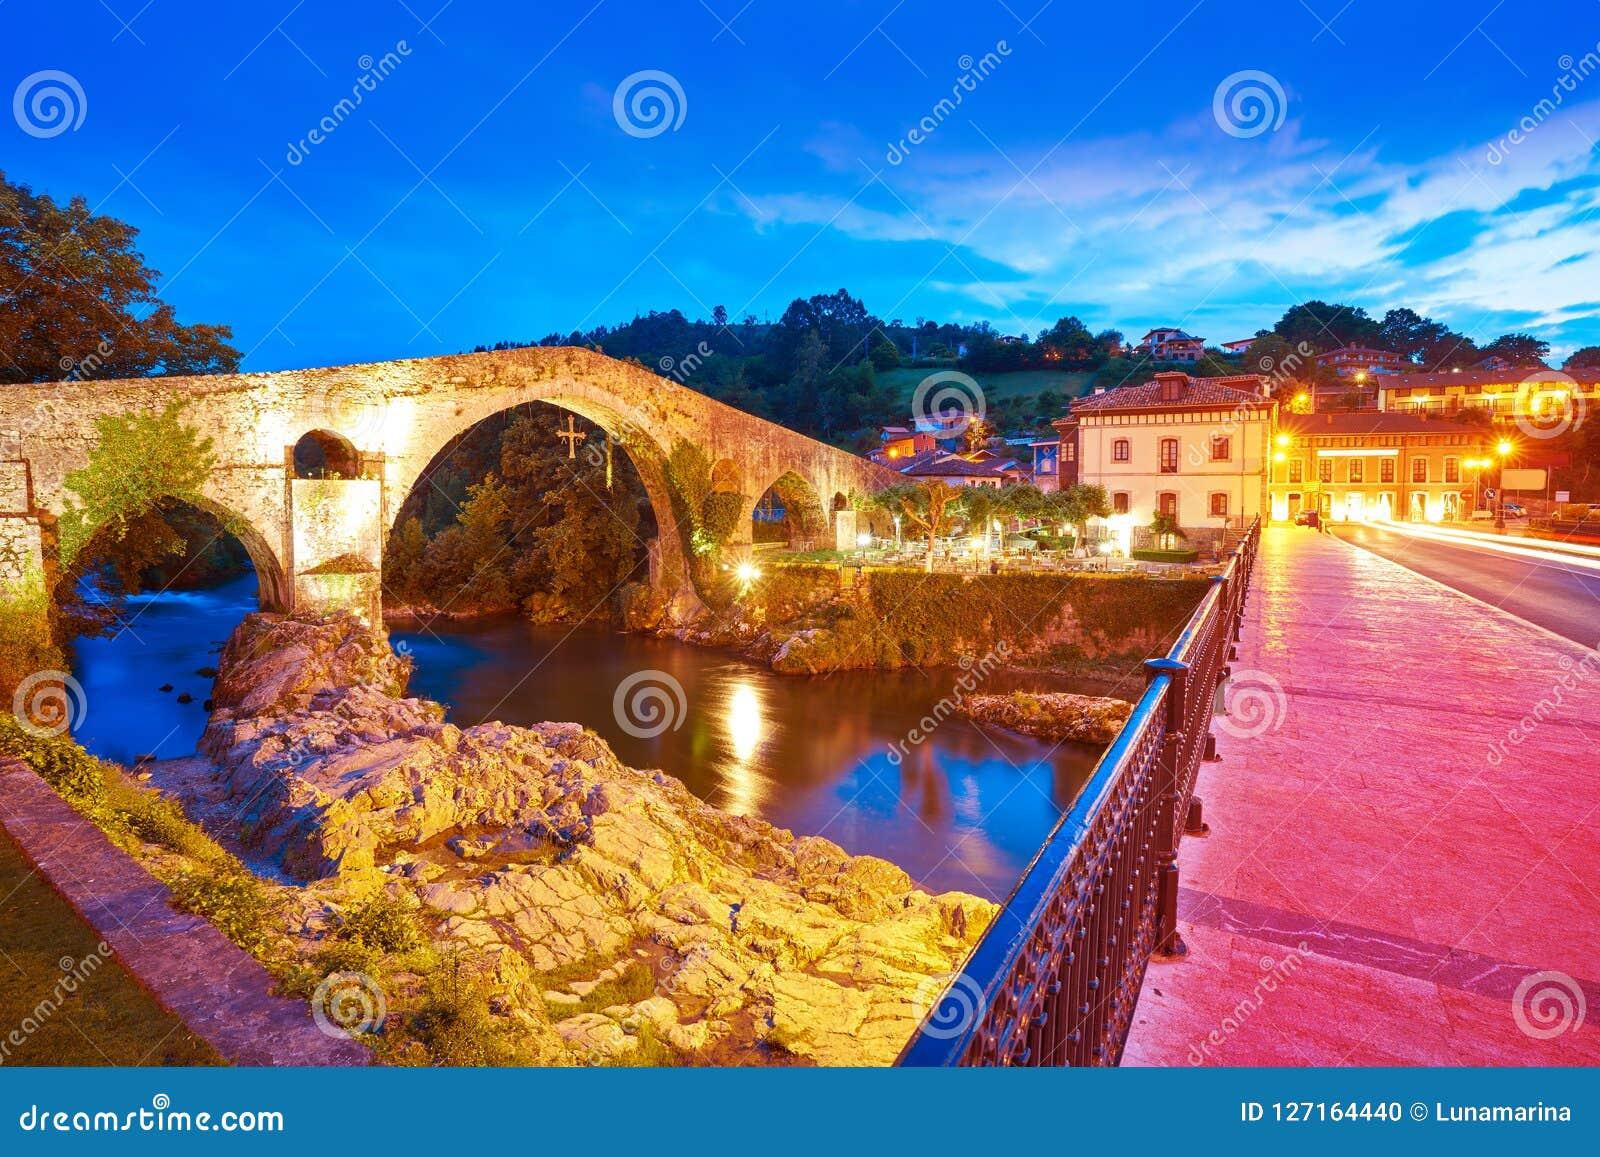 Cangas De Onis rzymski most w Asturias Hiszpania